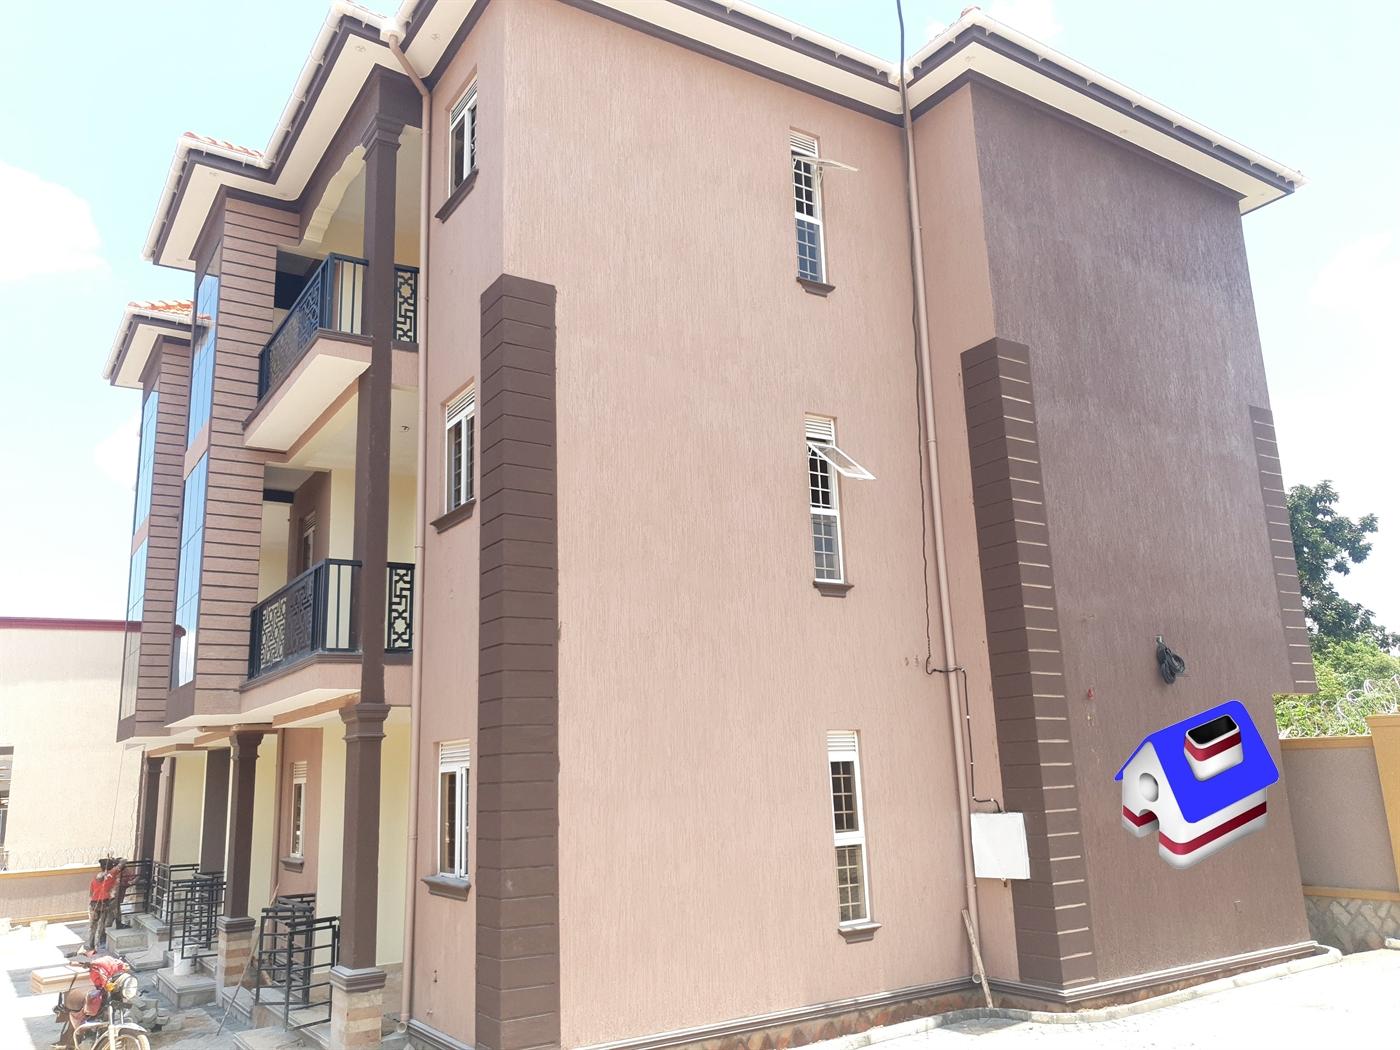 Apartment block for sale in Kyanjja Kampala